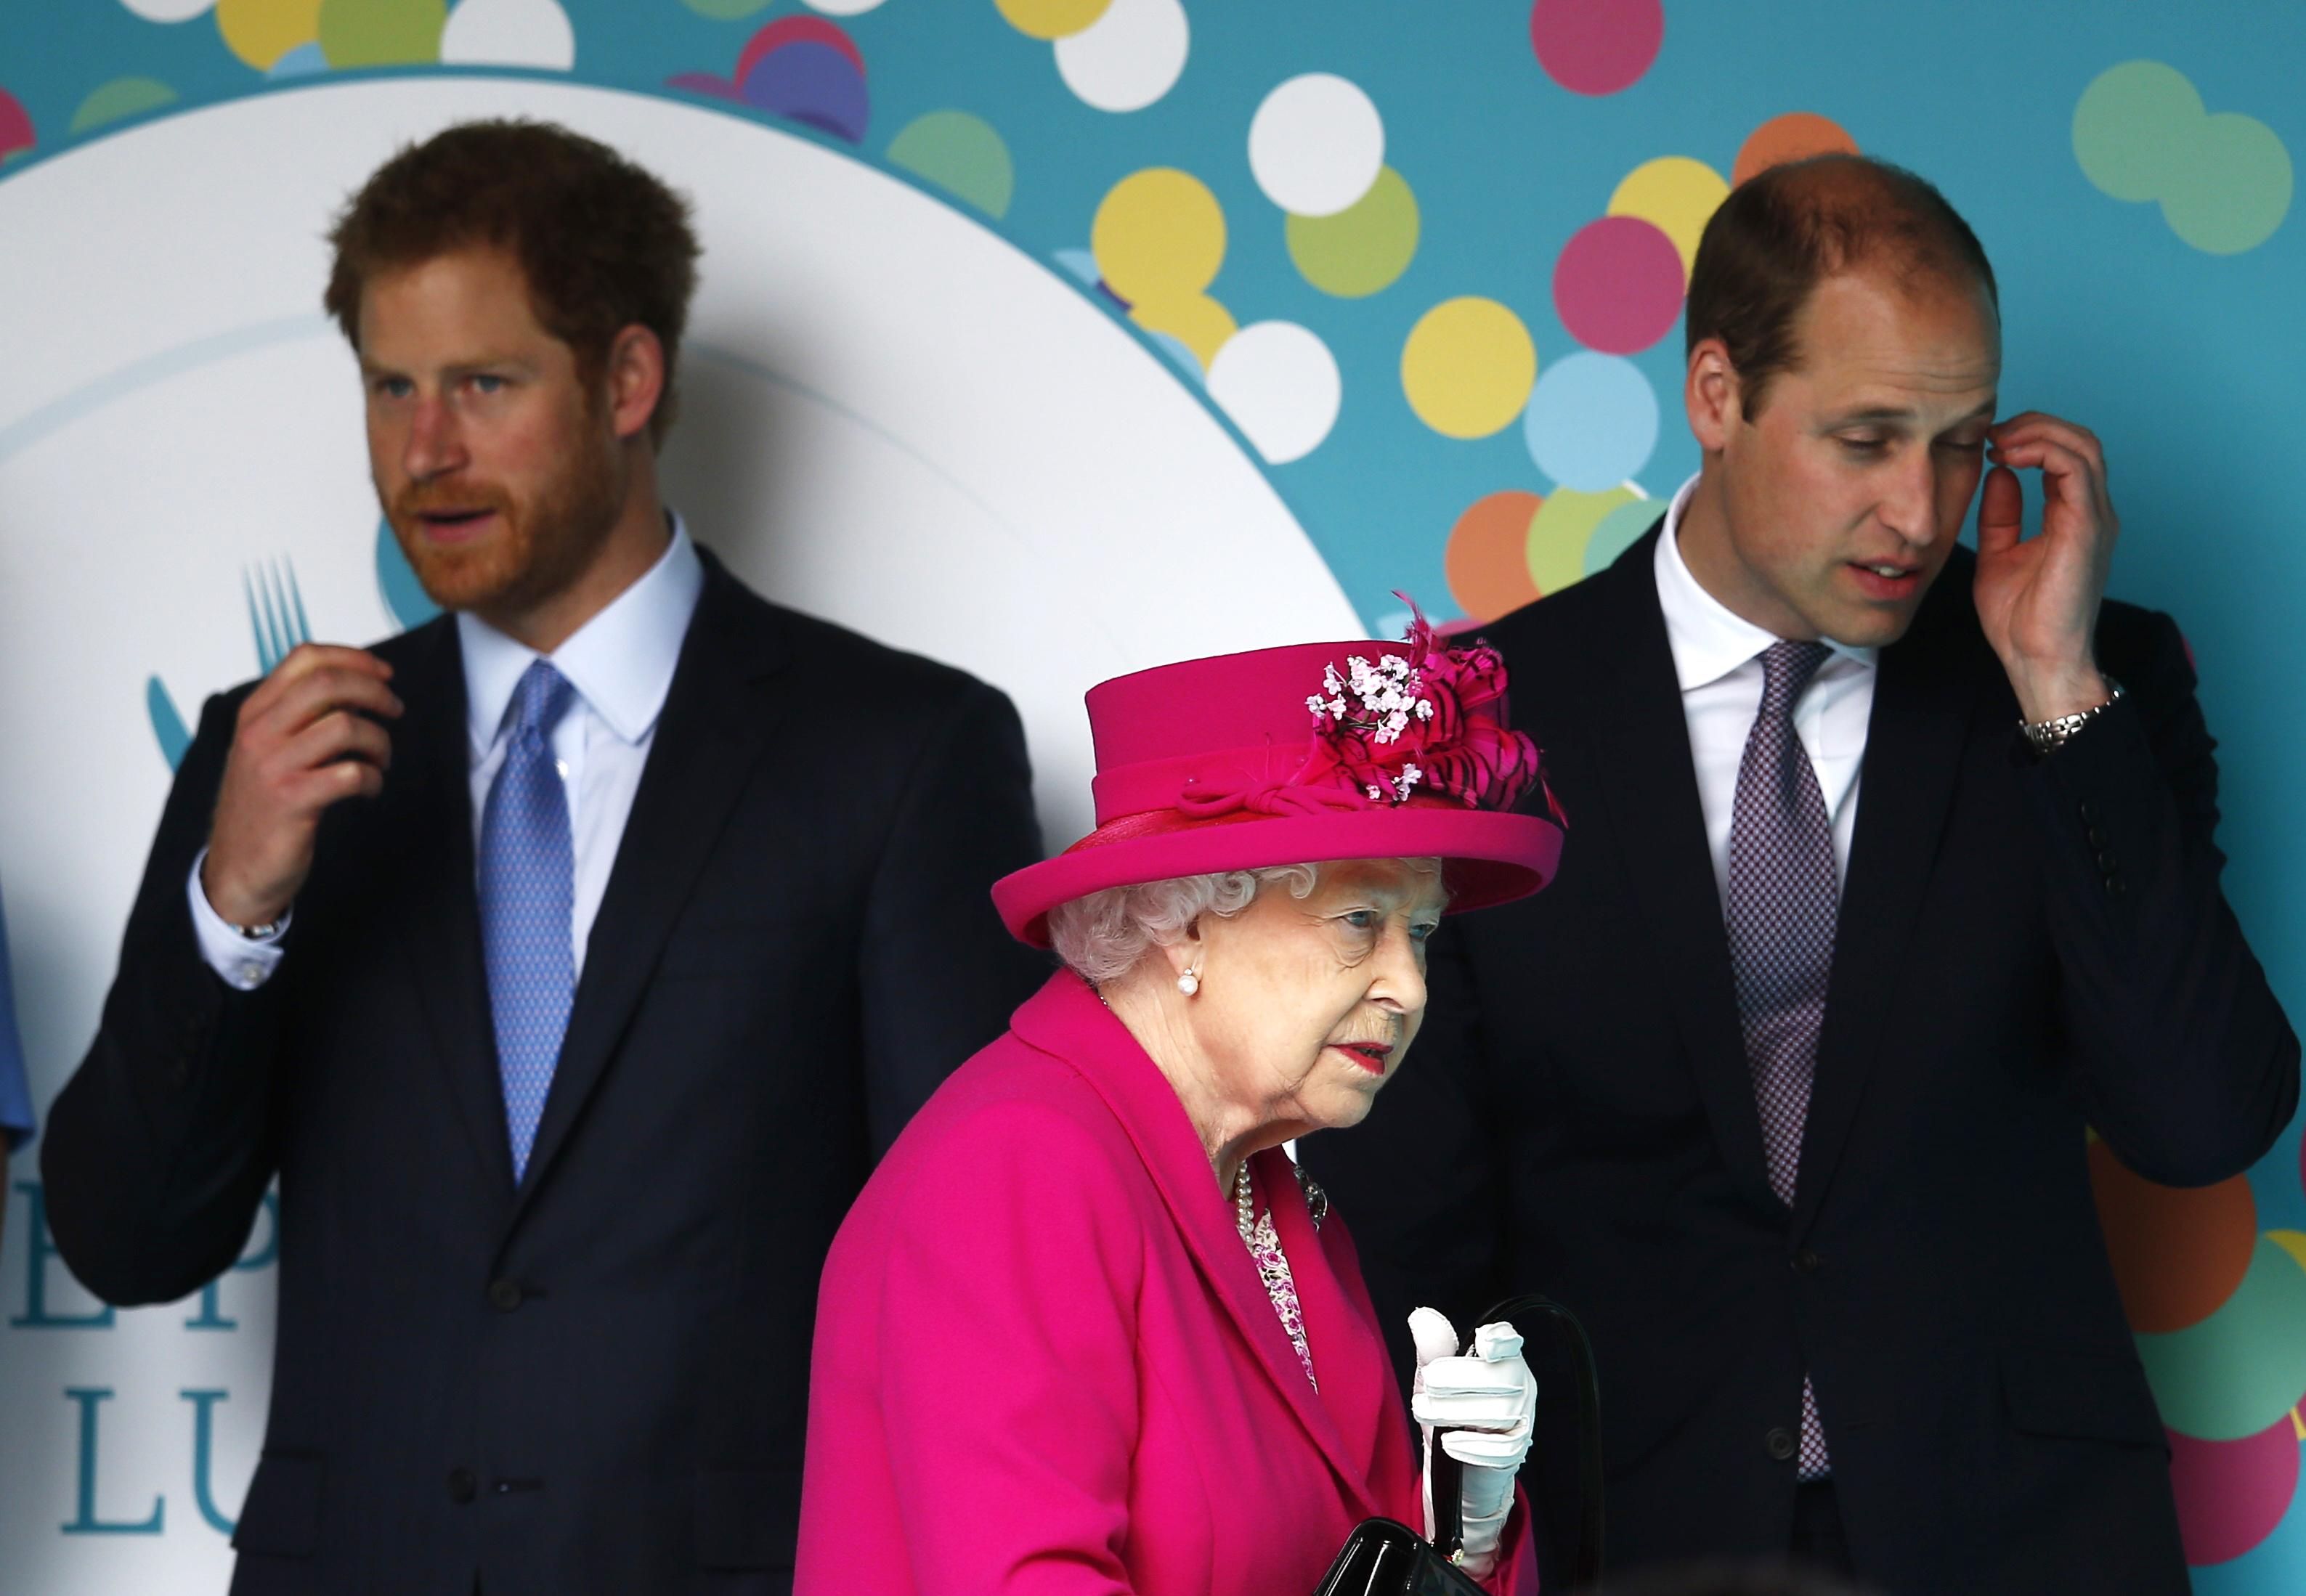 Kate et William d'Angleterre reçus pour la première fois à l'Elysée — Diplomatie